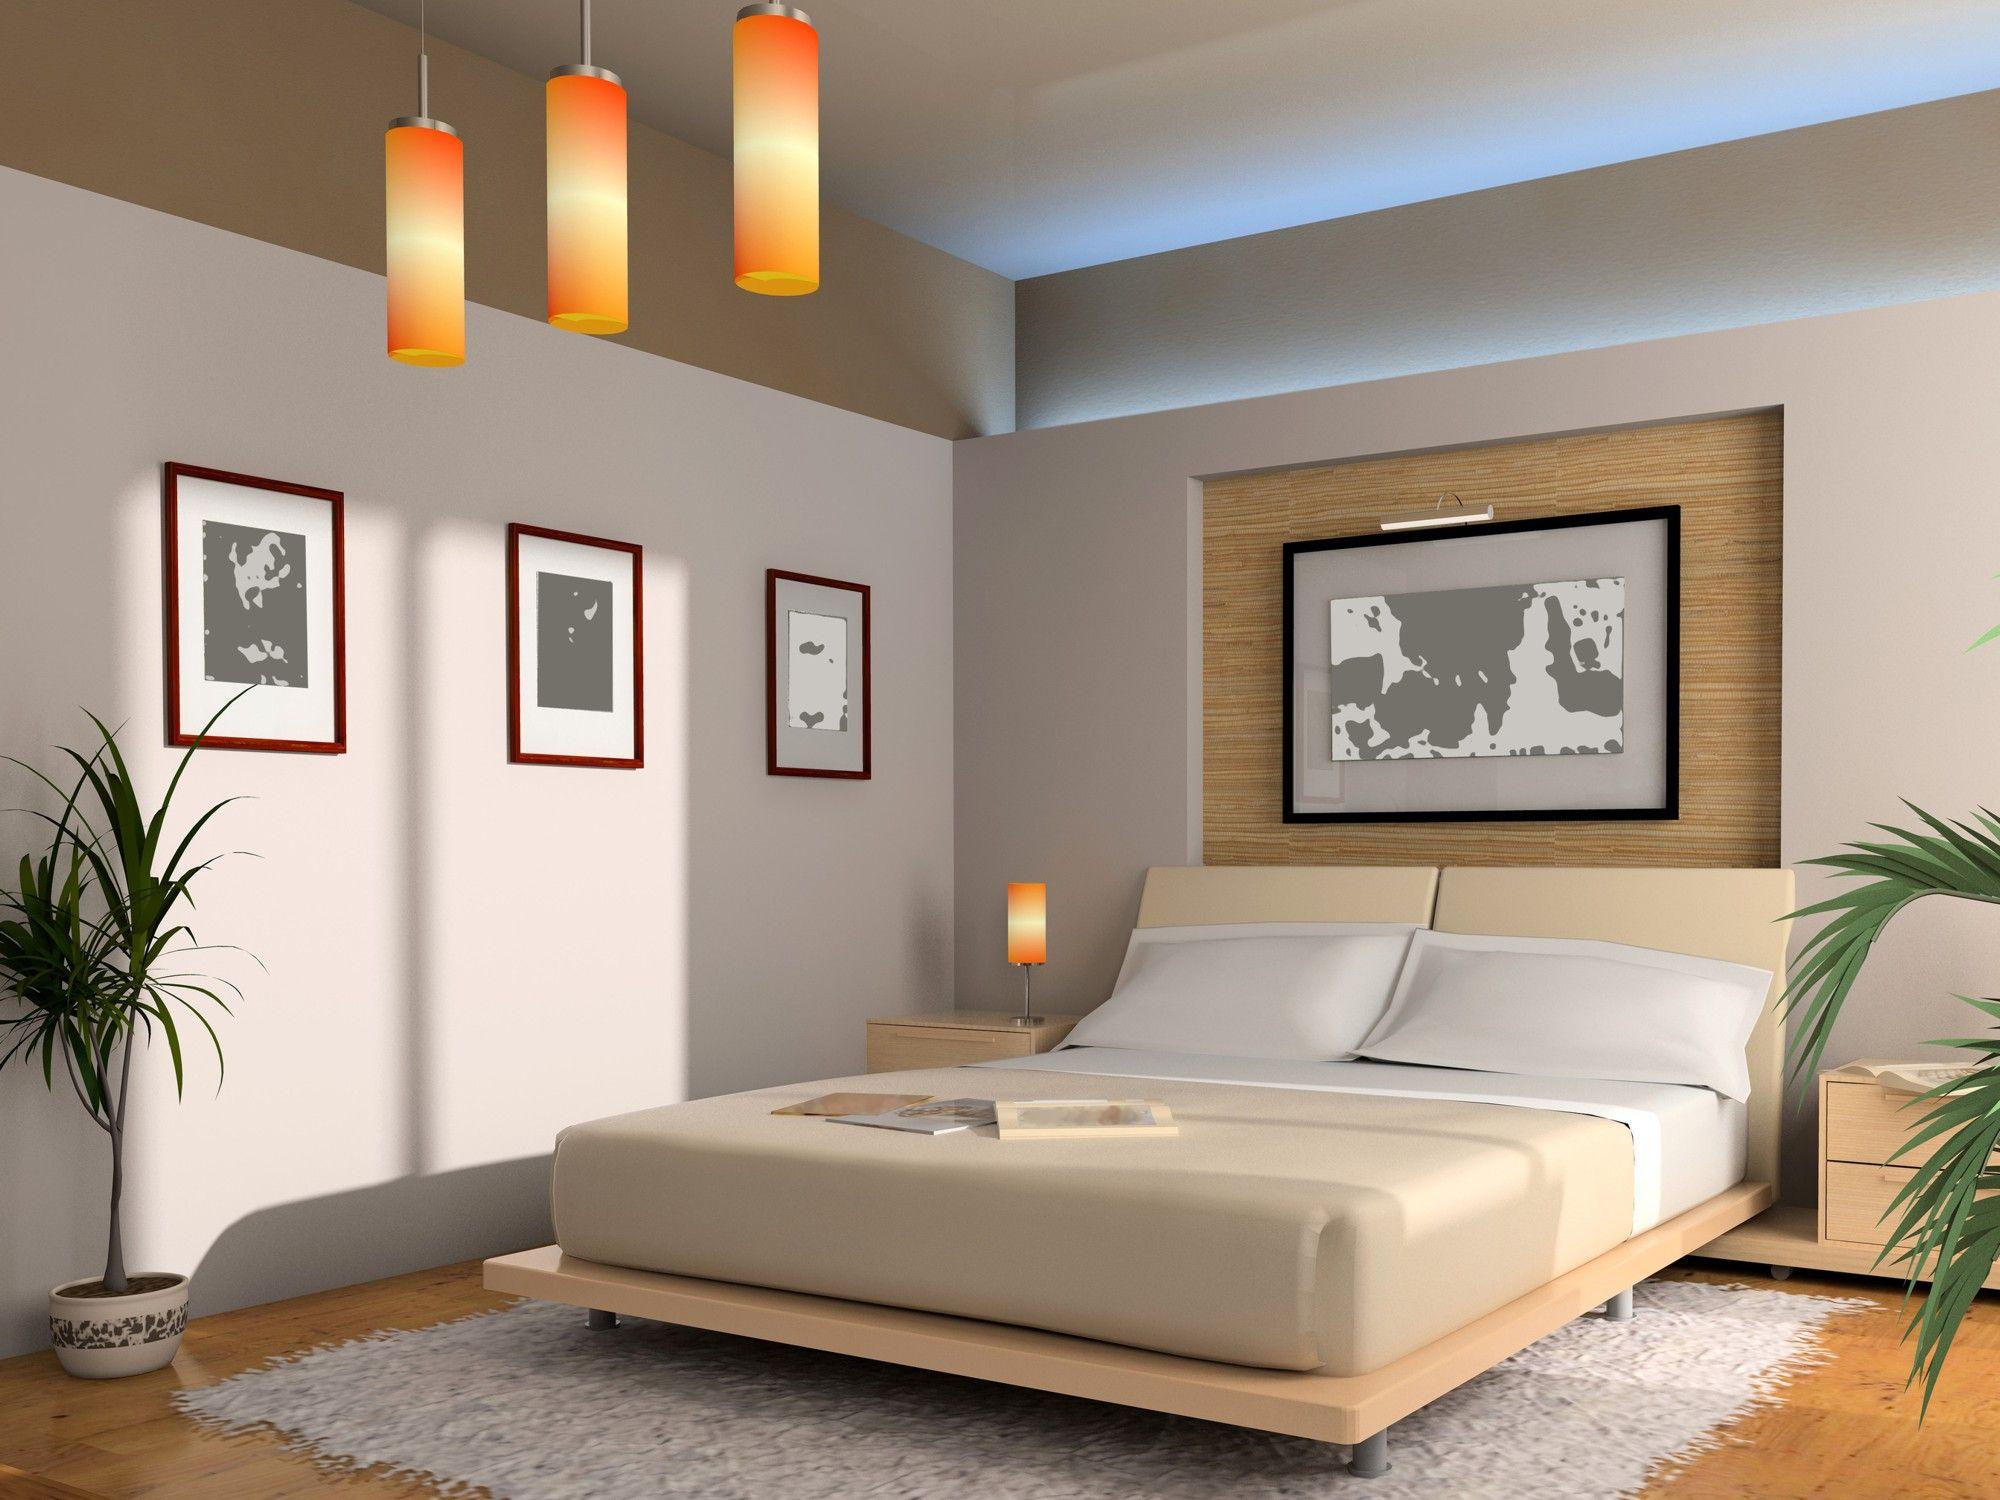 Schlafzimmer Nach Feng Shui Feng Shui Schlafzimmer Schlafzimmer